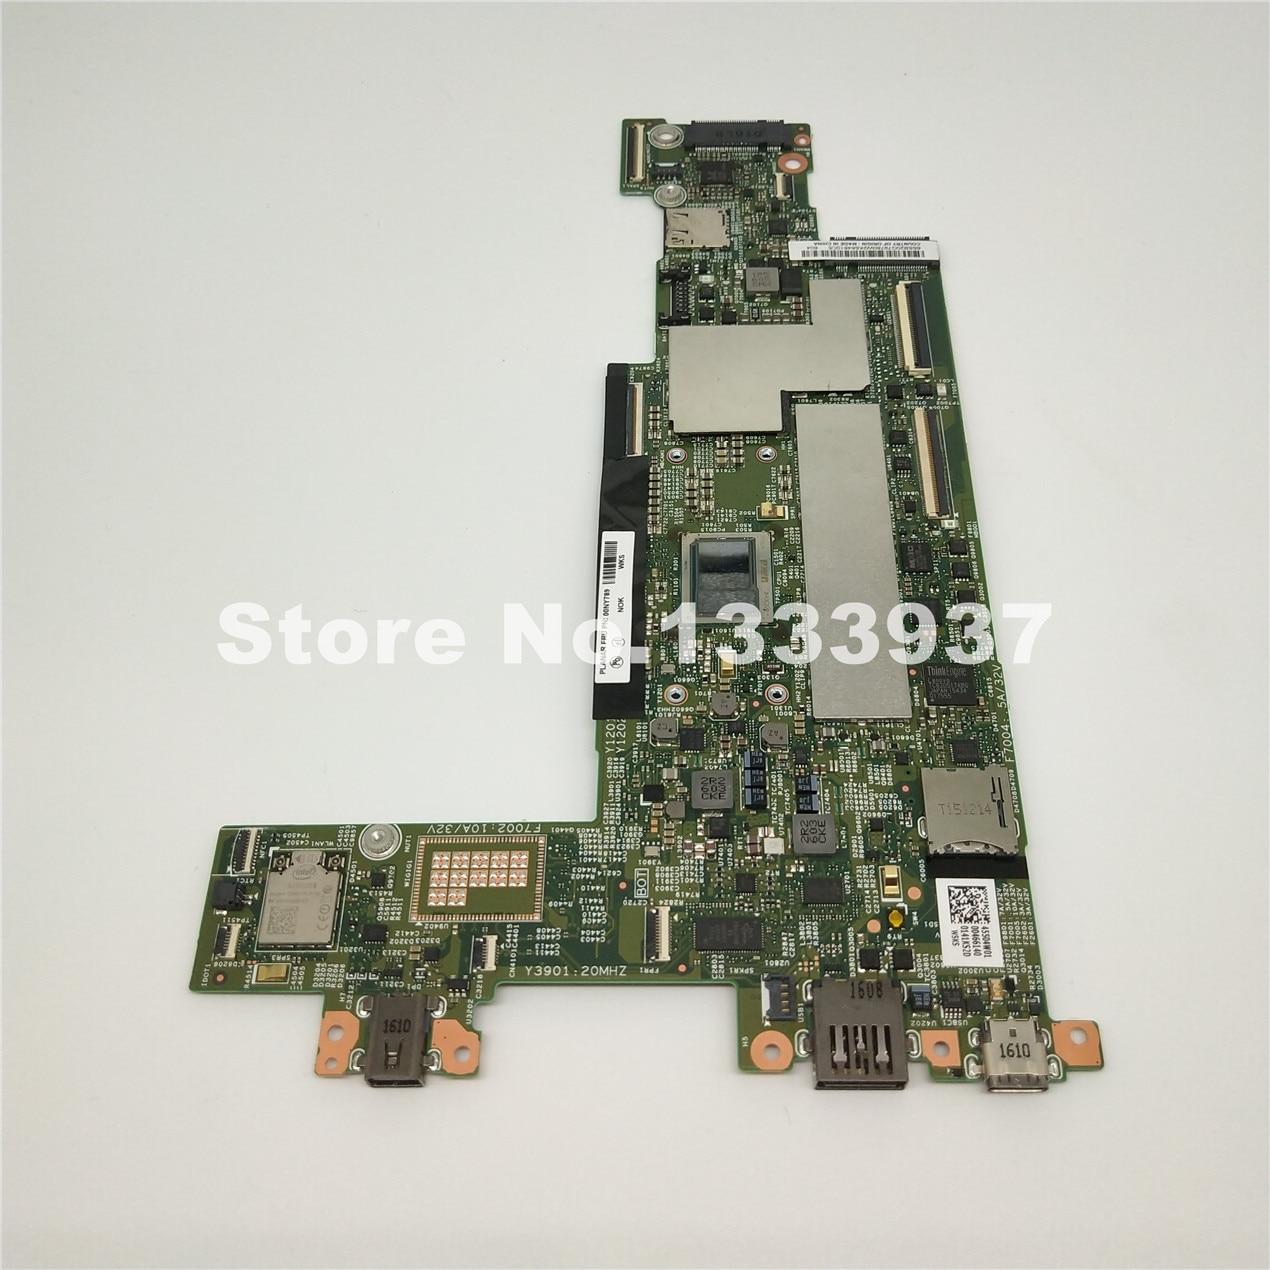 Placa-mãe do Portátil para 00ny789 Lenovo Thinkpad X1-tablet Teste Núcleo Mainboard M3-6y30 Sr2e 15218-2 Lgf-1 mb 448.04w08. 0021